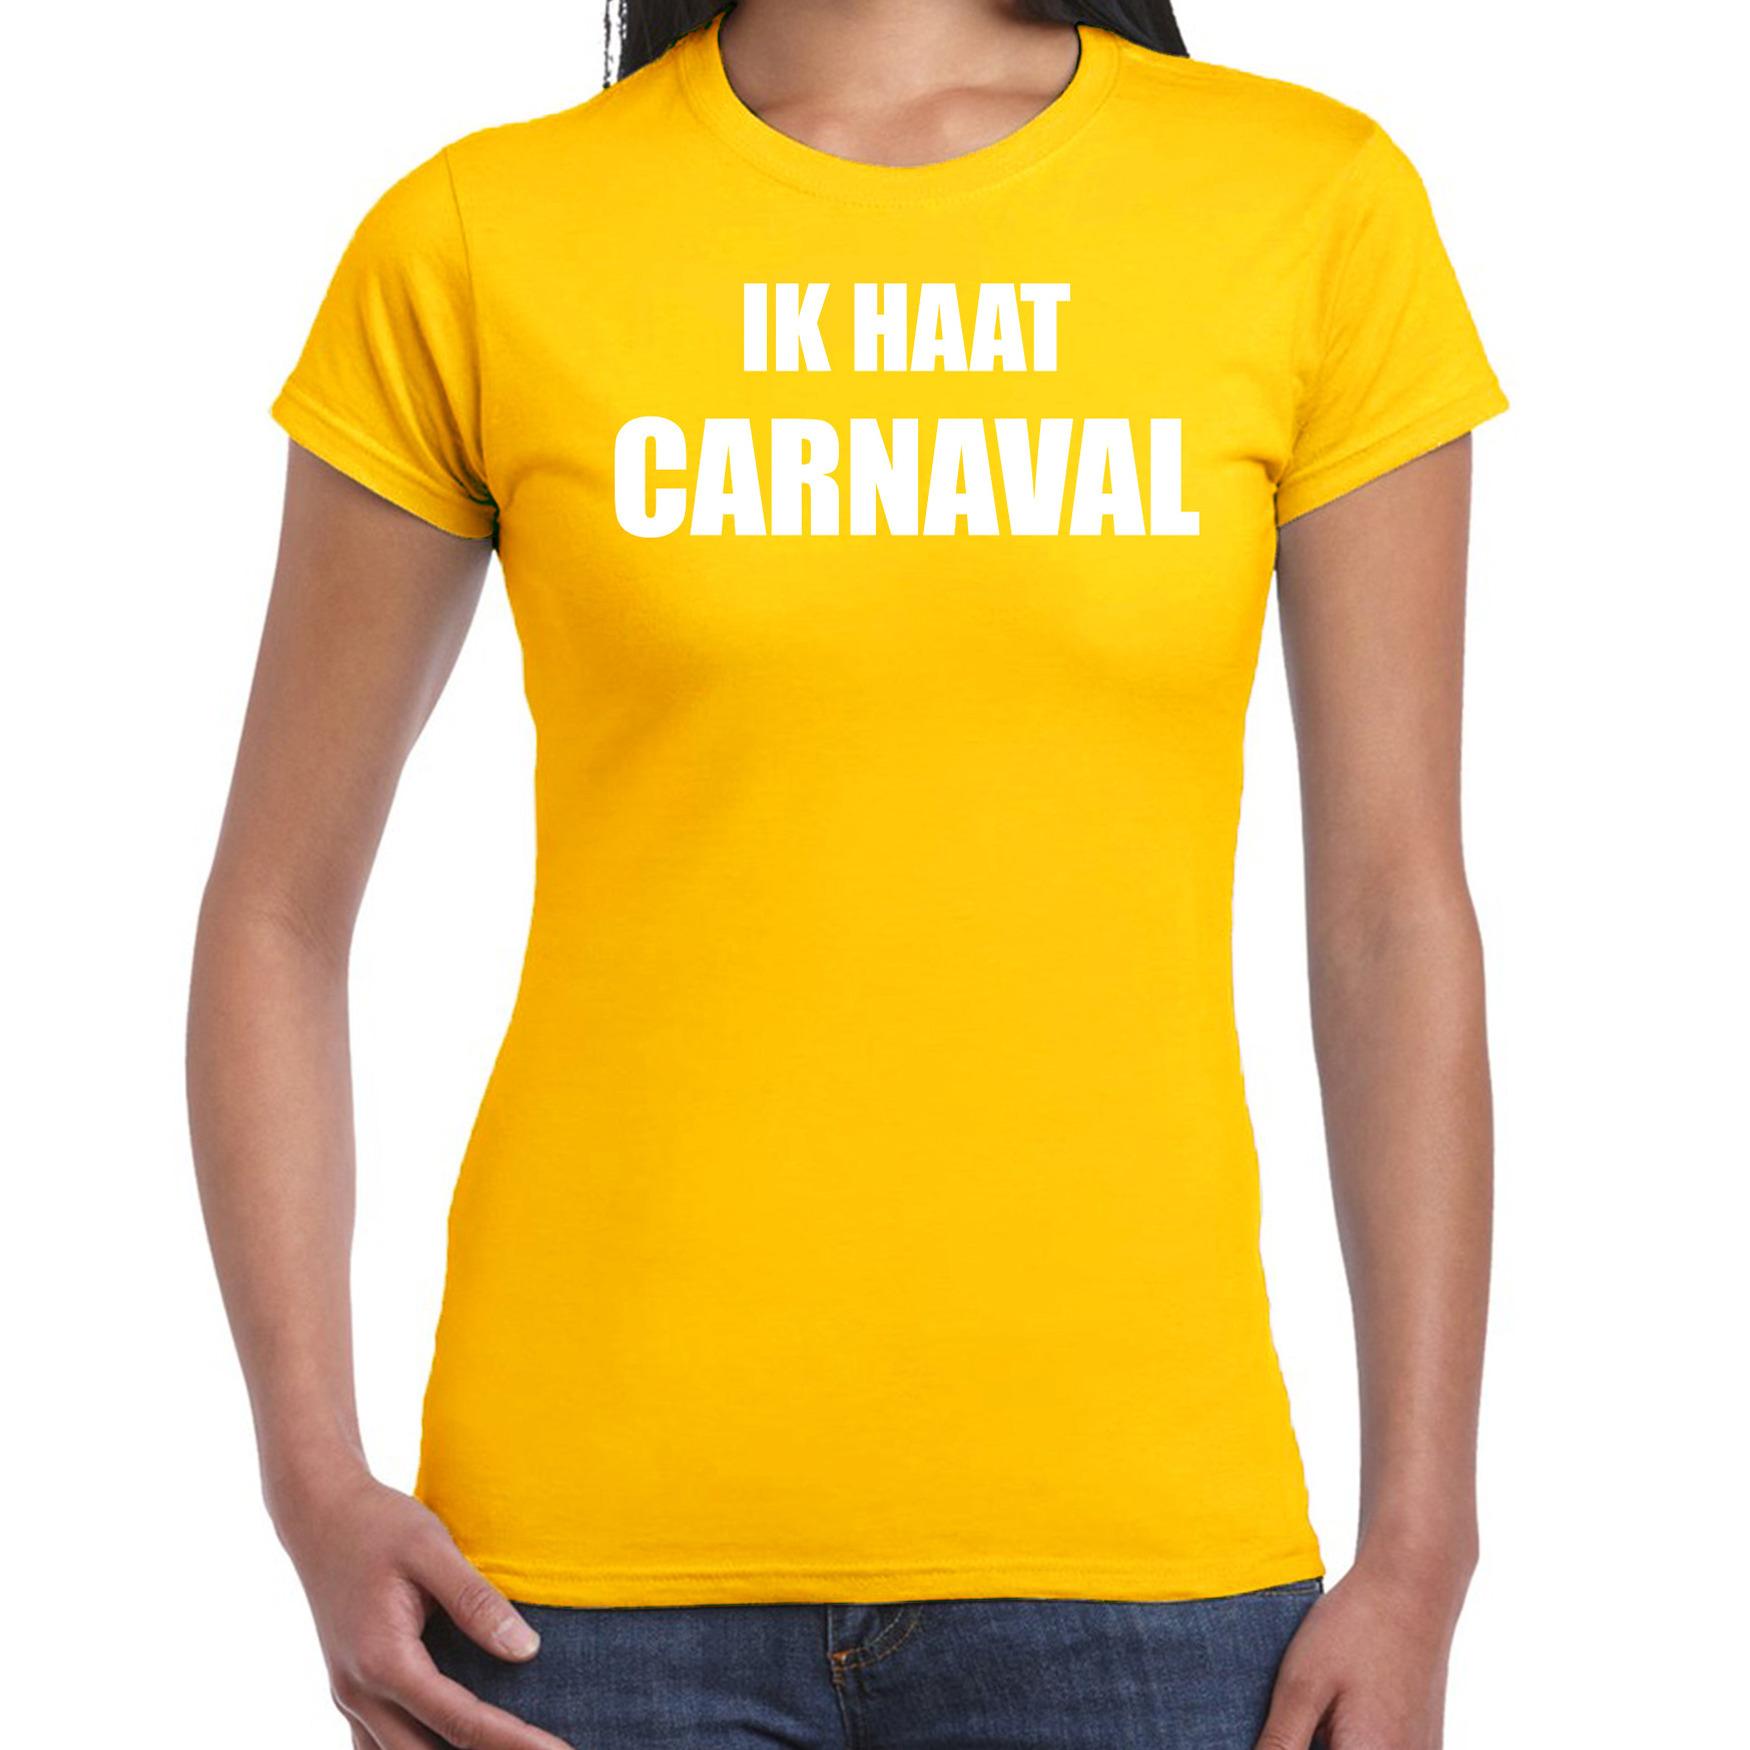 Carnaval verkleed shirt geel voor dames ik haat carnaval - kostuum